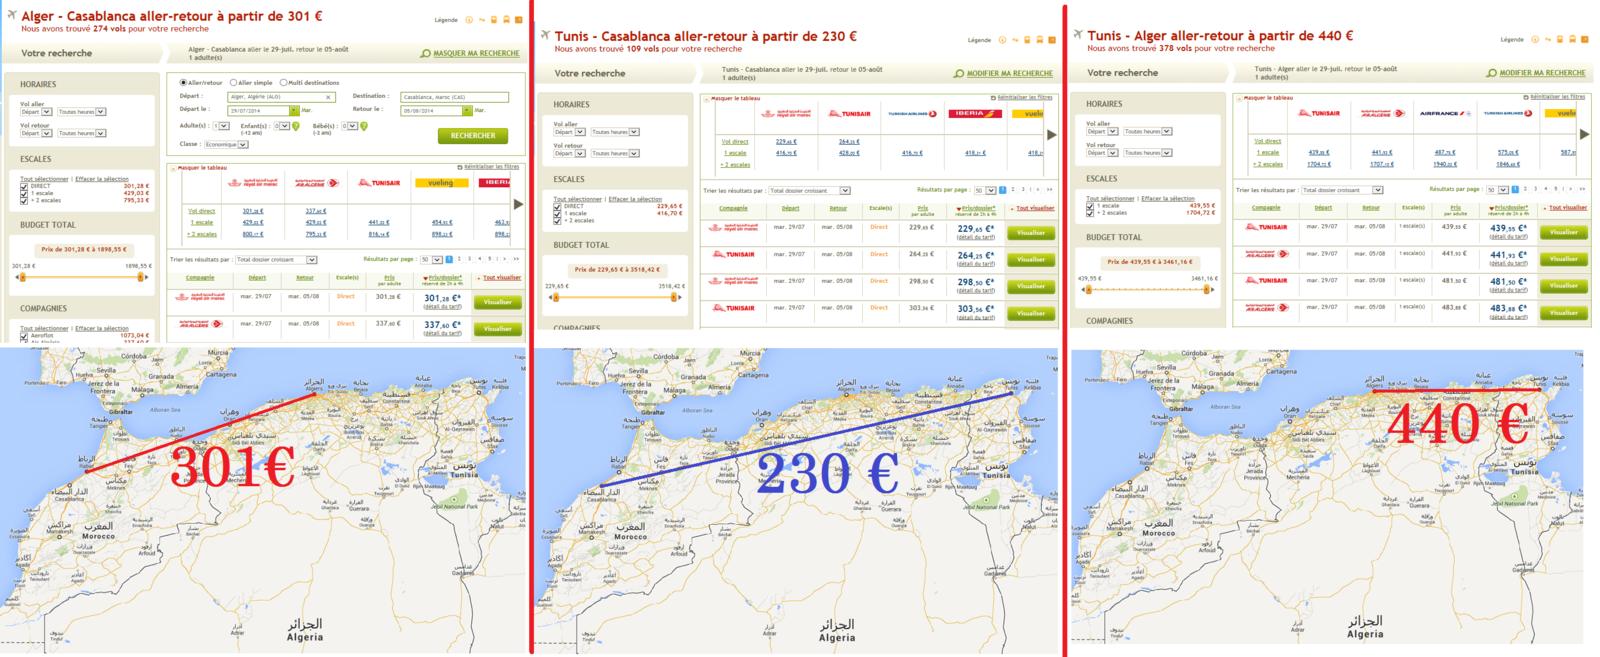 Pourquoi Alger->Tunis ou Alger->Casablanca est plus cher que Tunis->Casablanca ?